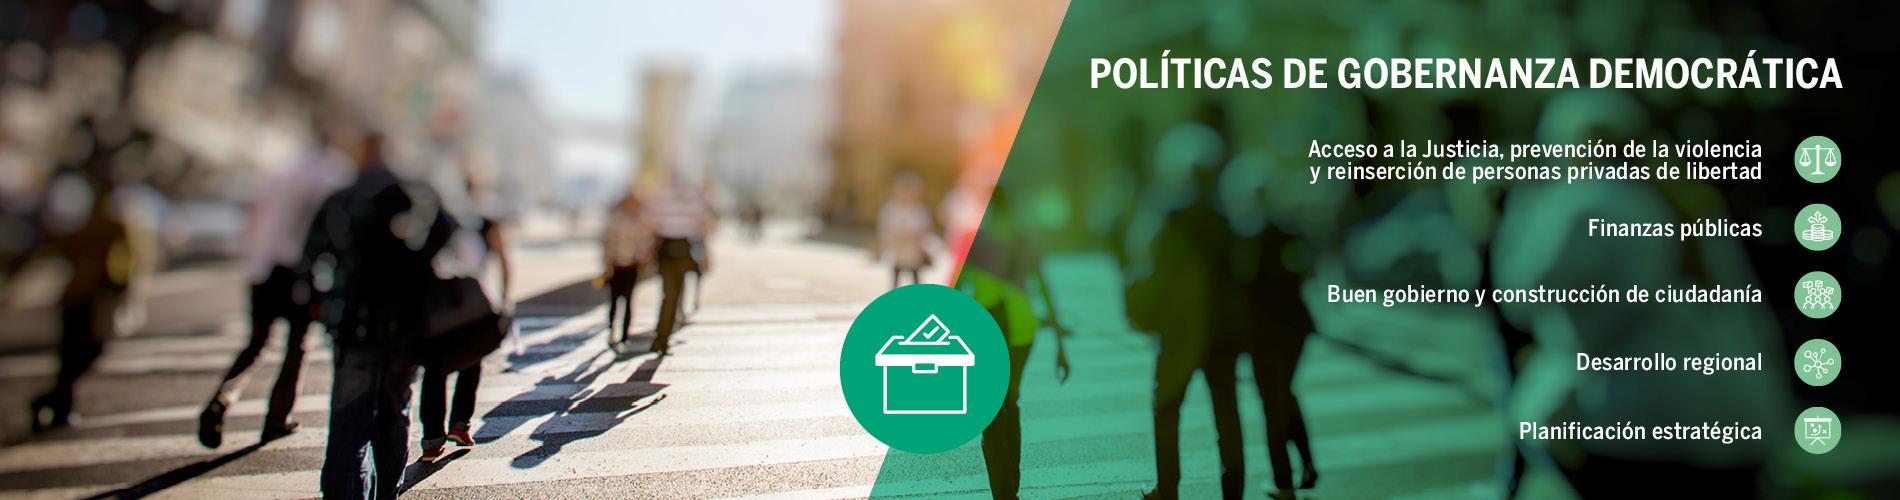 EUROsociAL - Políticas de Gobernanza Democrática